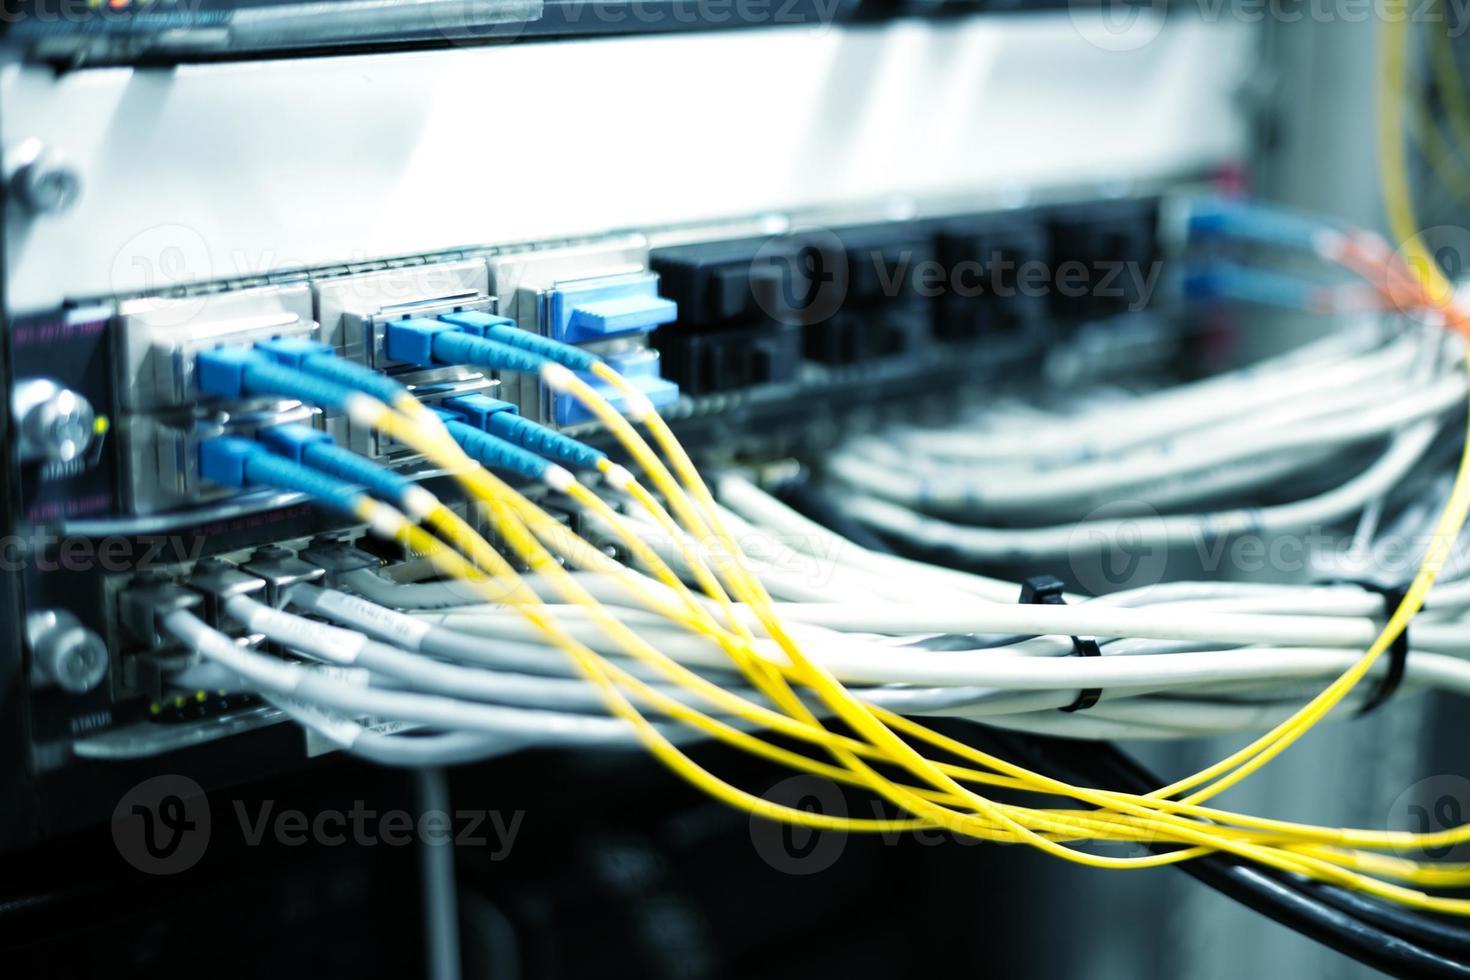 dispositivos de telecomunicações no data center foto